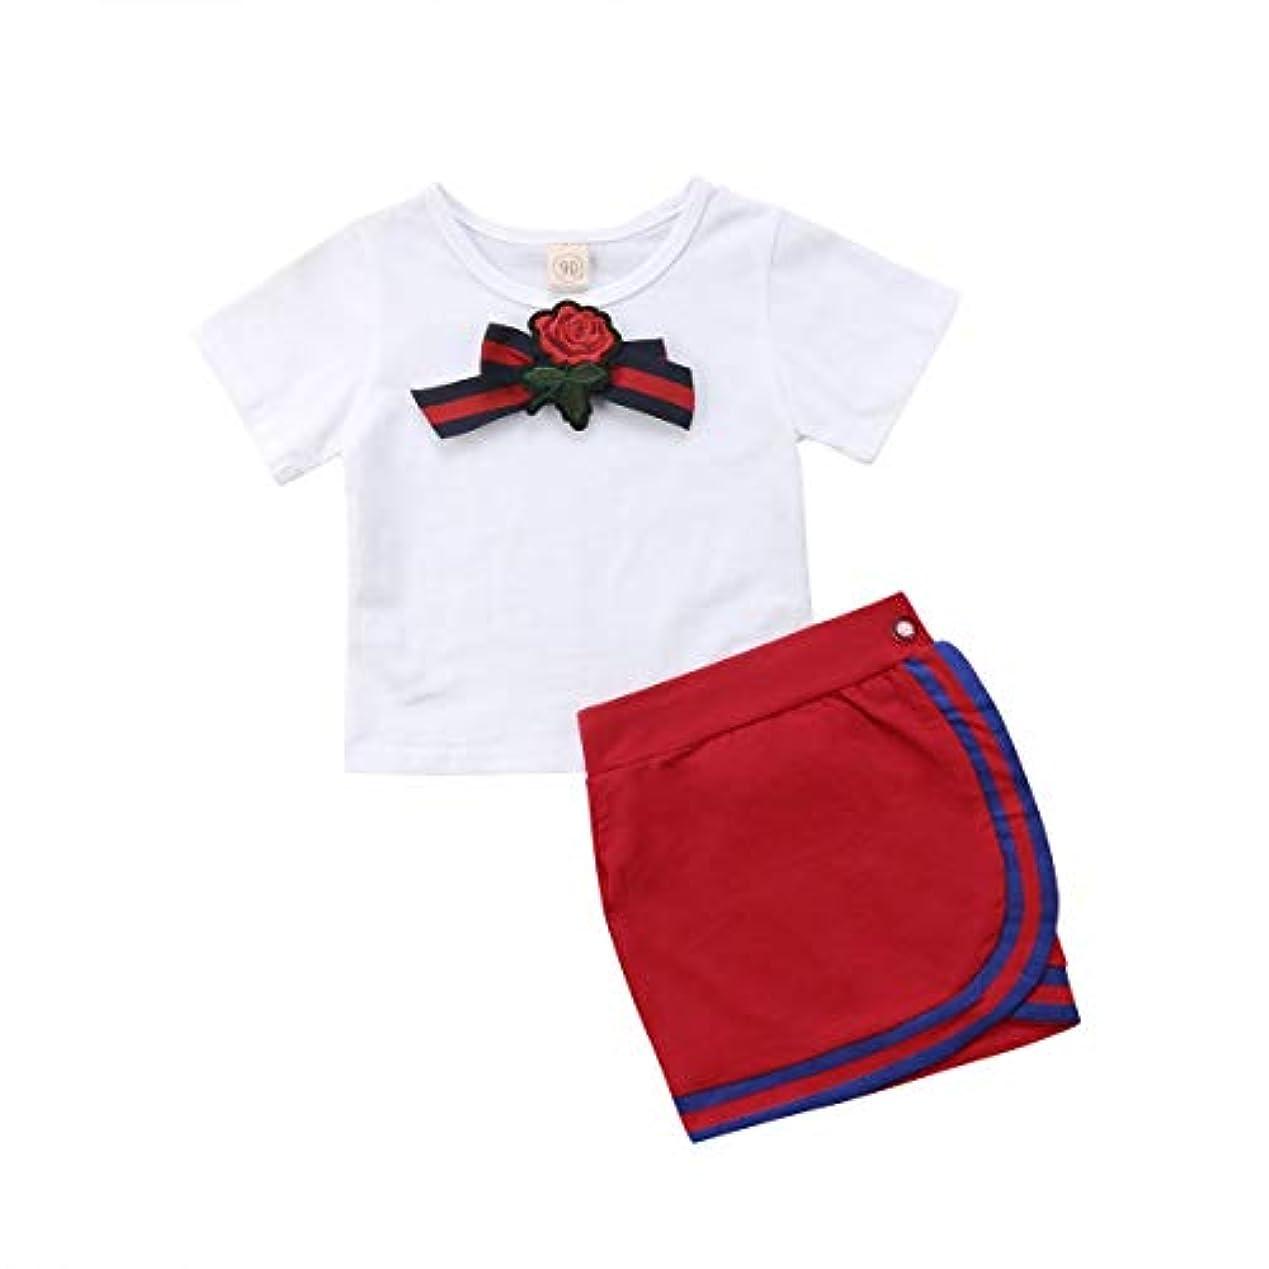 不確実あさり主張するOnderroa - 女子制服新生児キッズベビー は蝶の花タイのTシャツショートミニスカートパーティーウェディングチュチュドレストップス設定します。